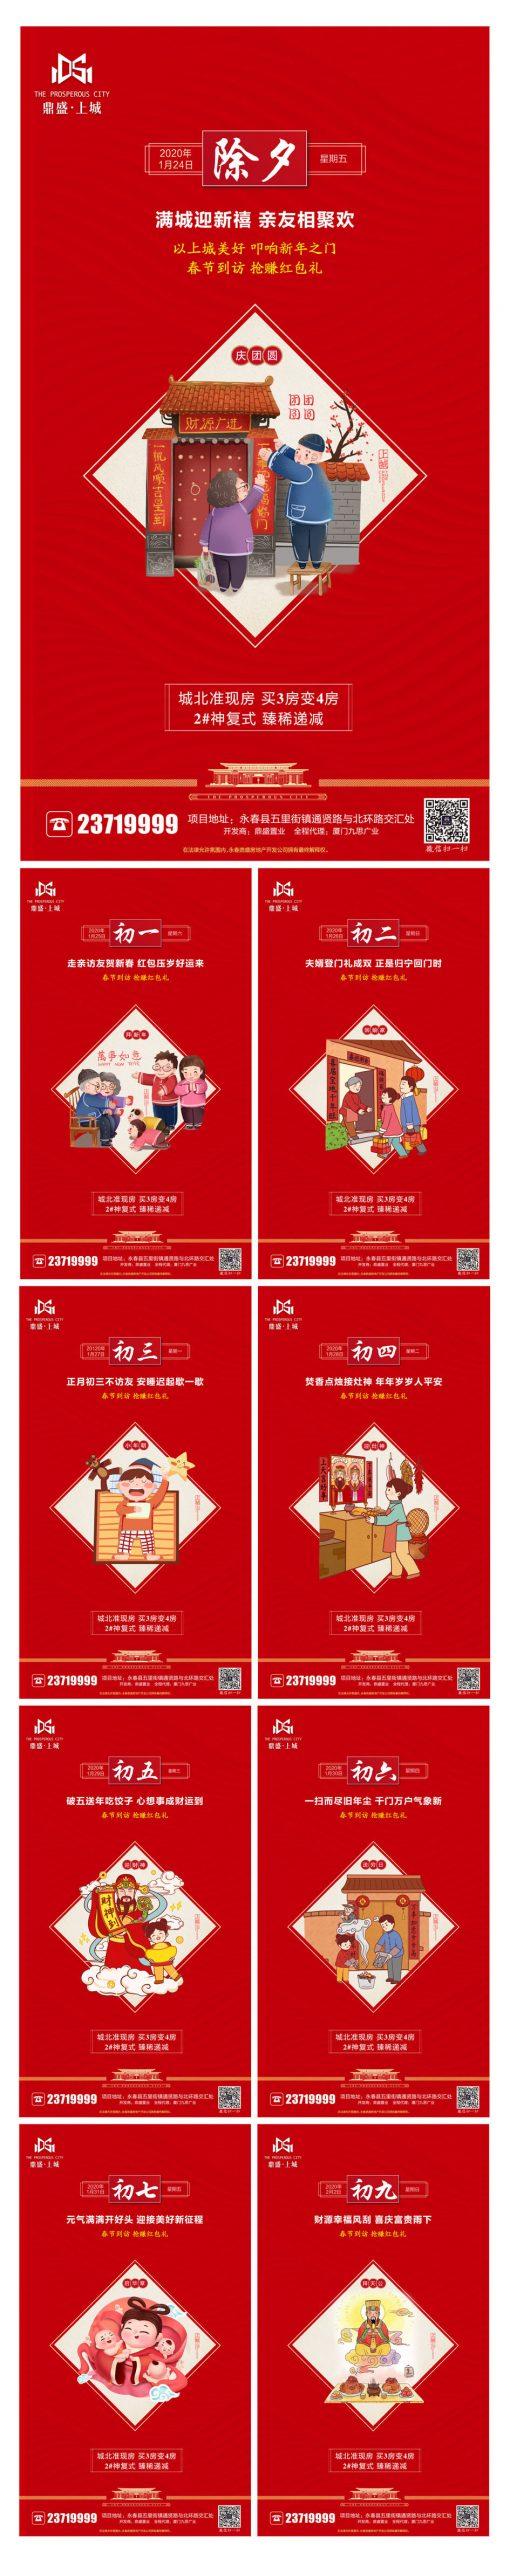 房地产春节拜年刷屏海报系列PSD源文件插图